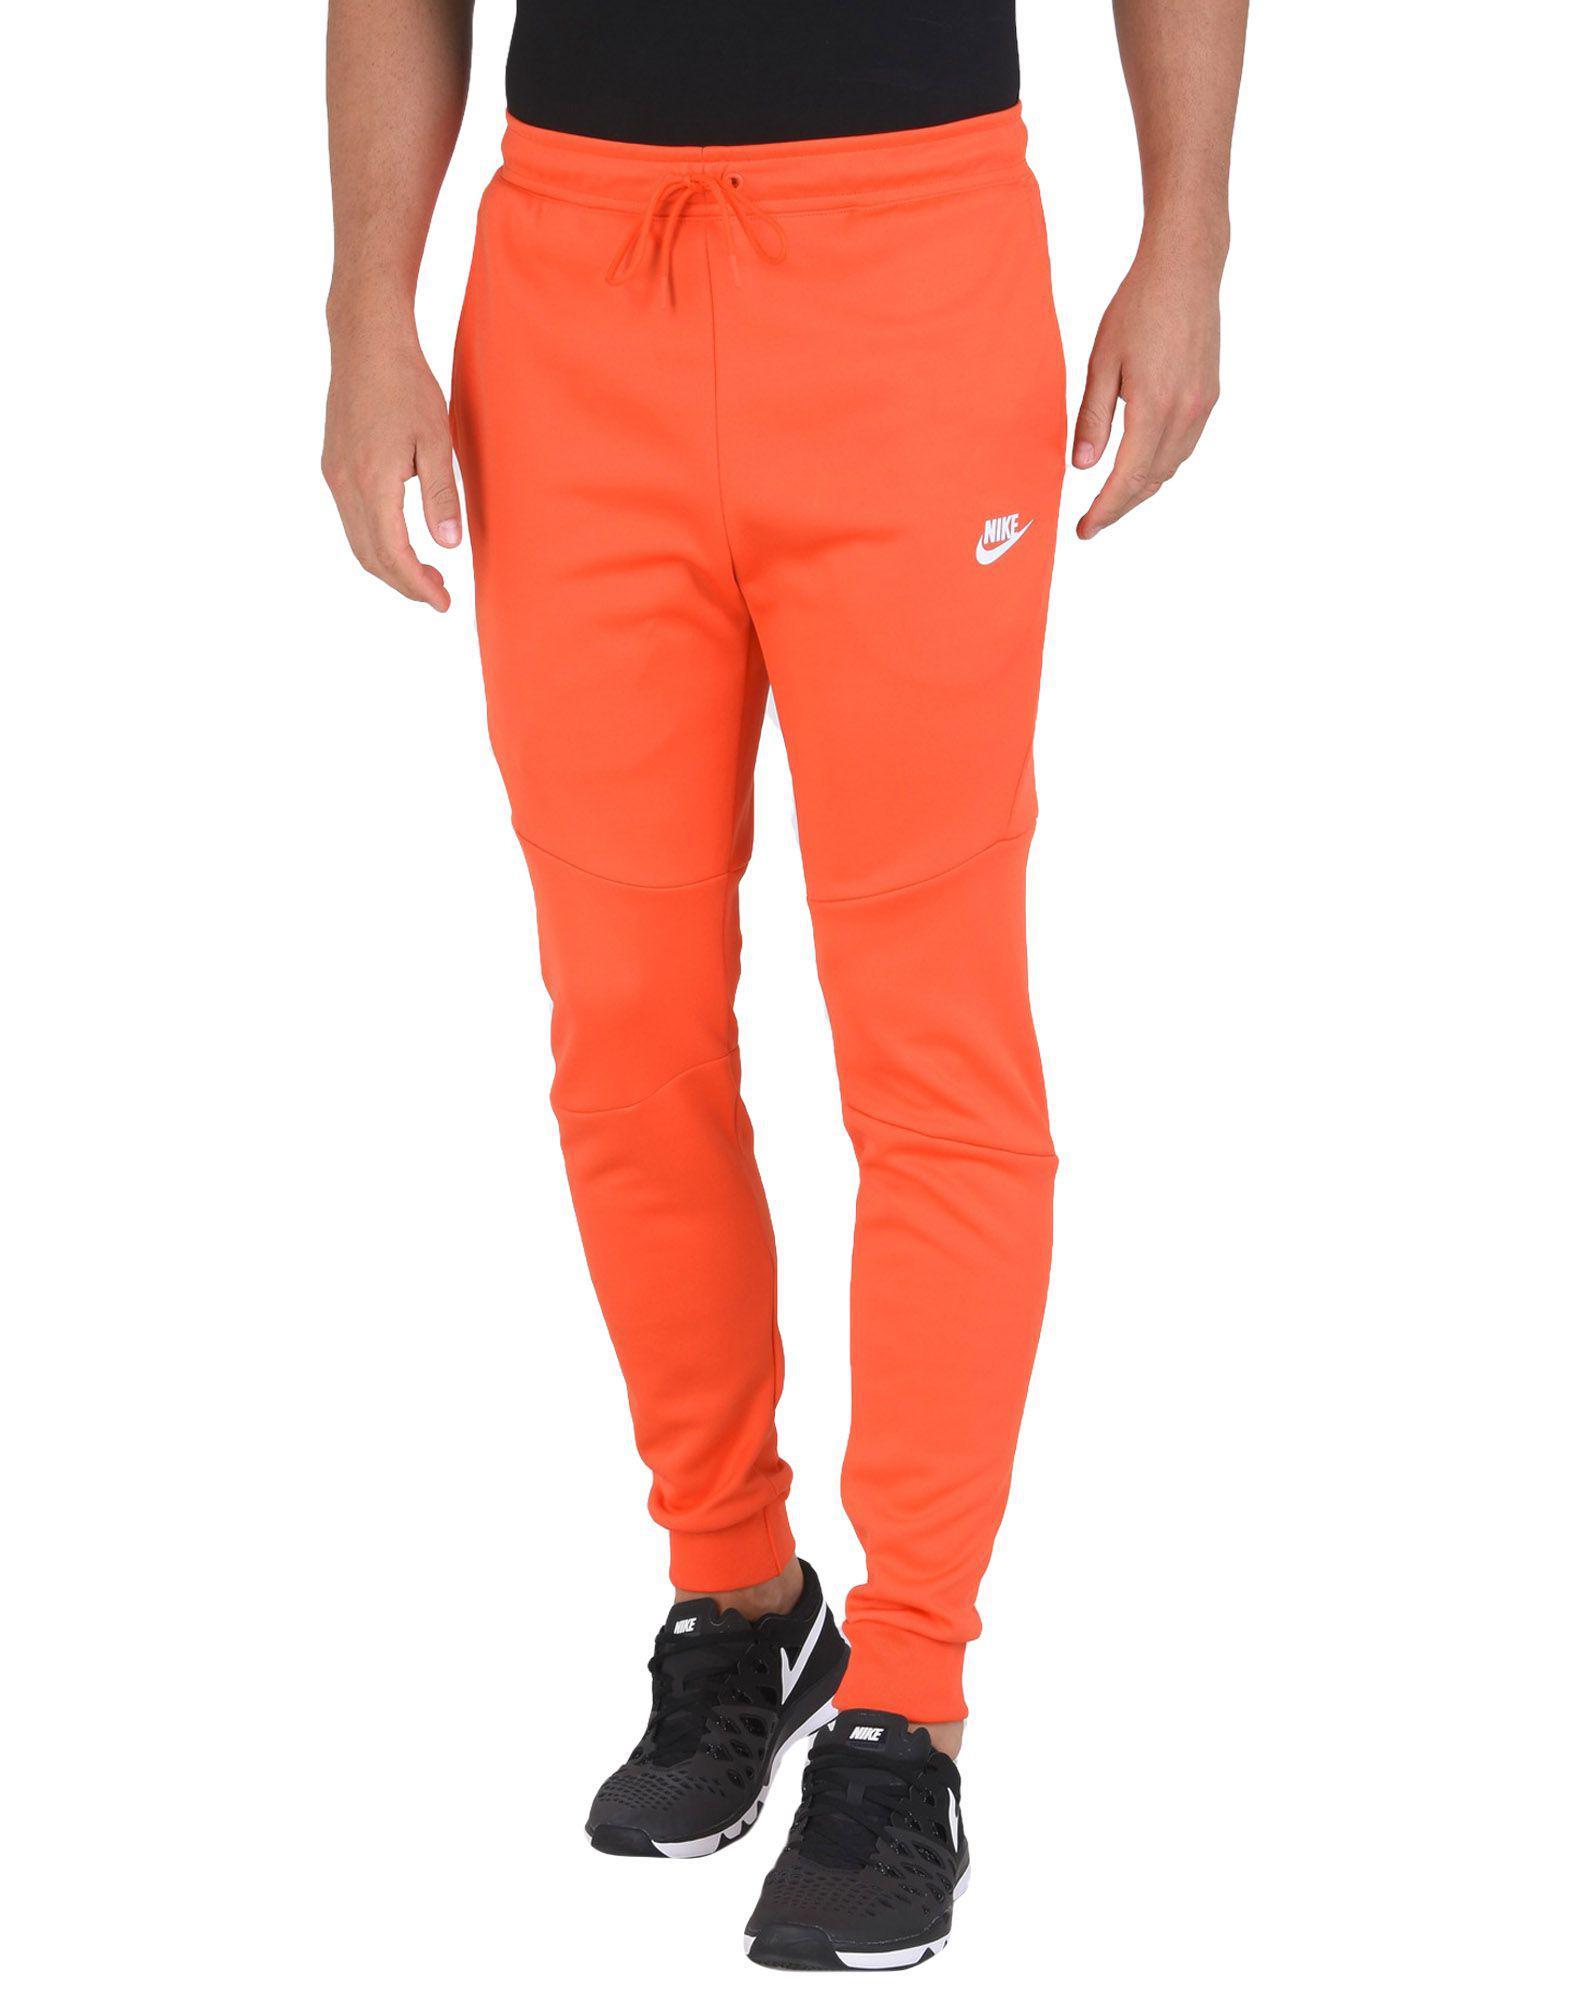 Homme En Orange Pantalon Pour Nike Coloris Lyst W29EDIHY